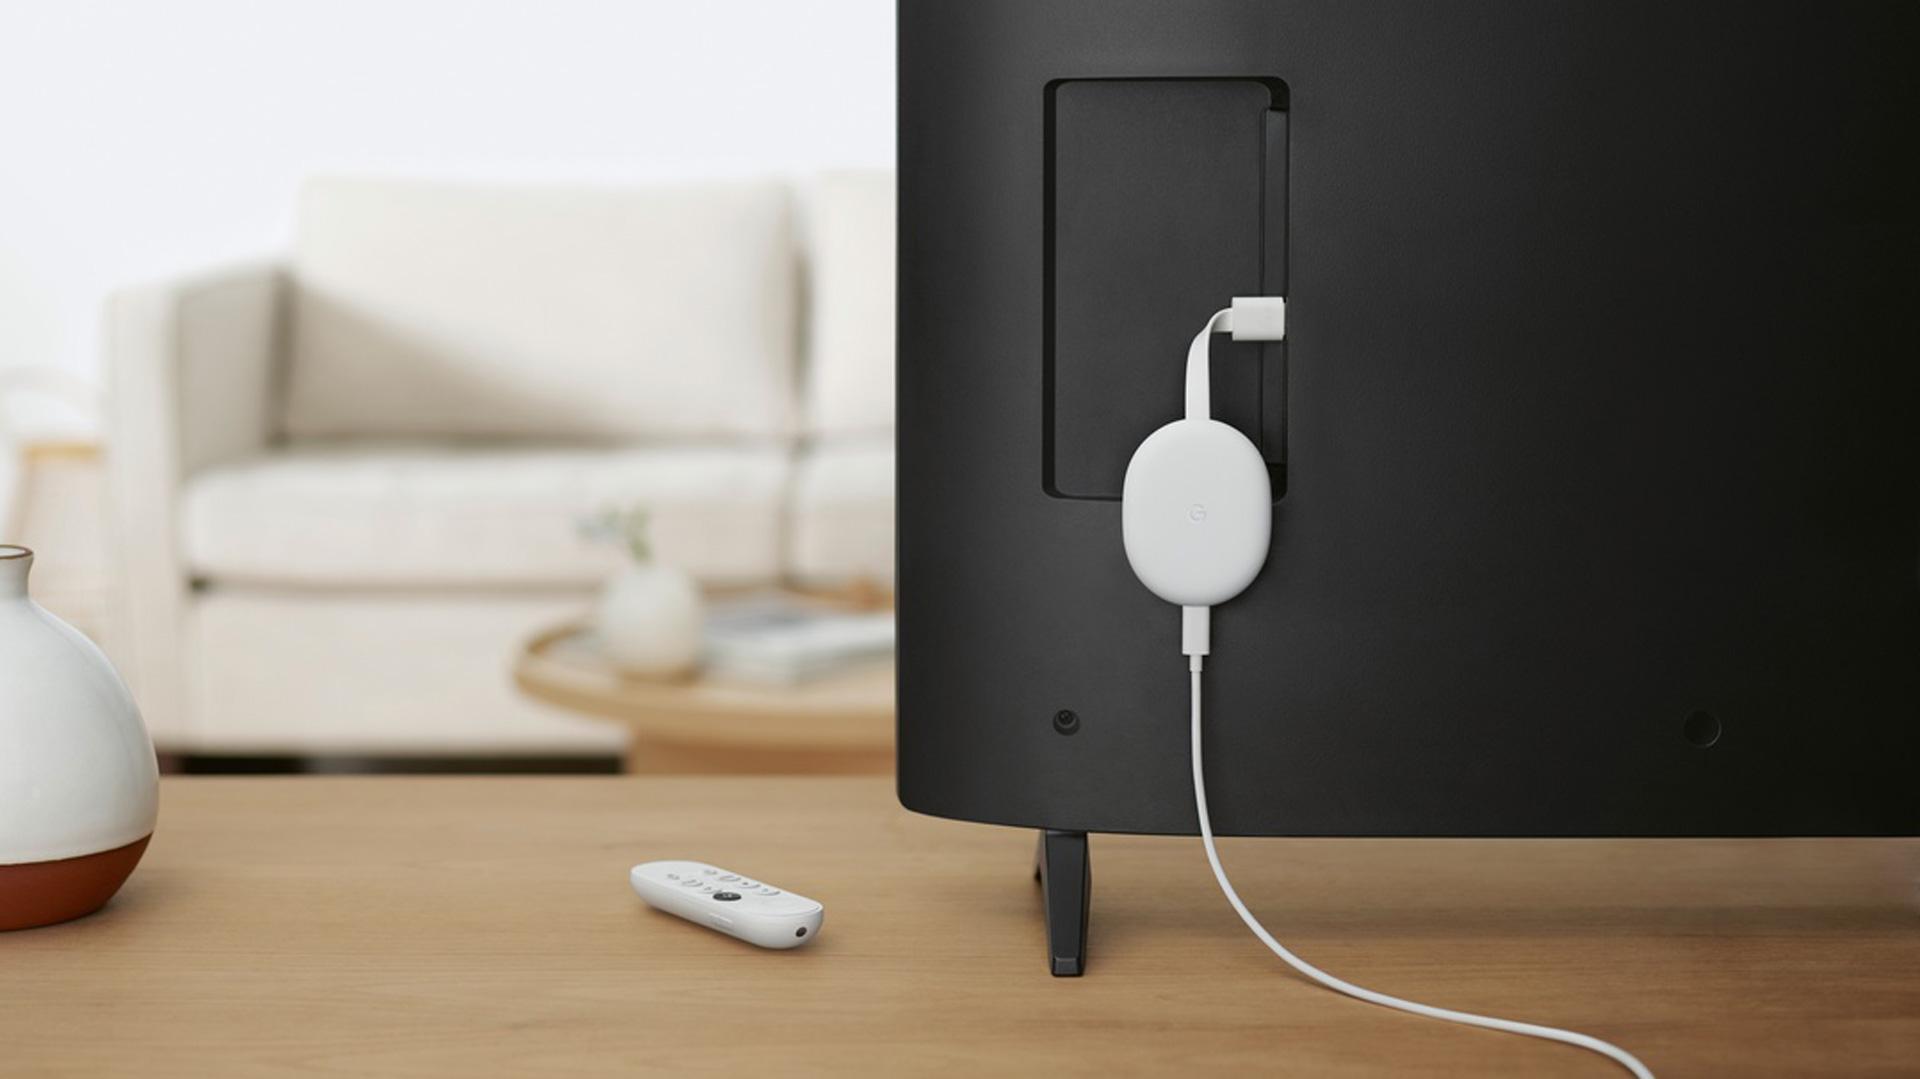 Ver Movistar en Chromecast con tu móvil y ordenador